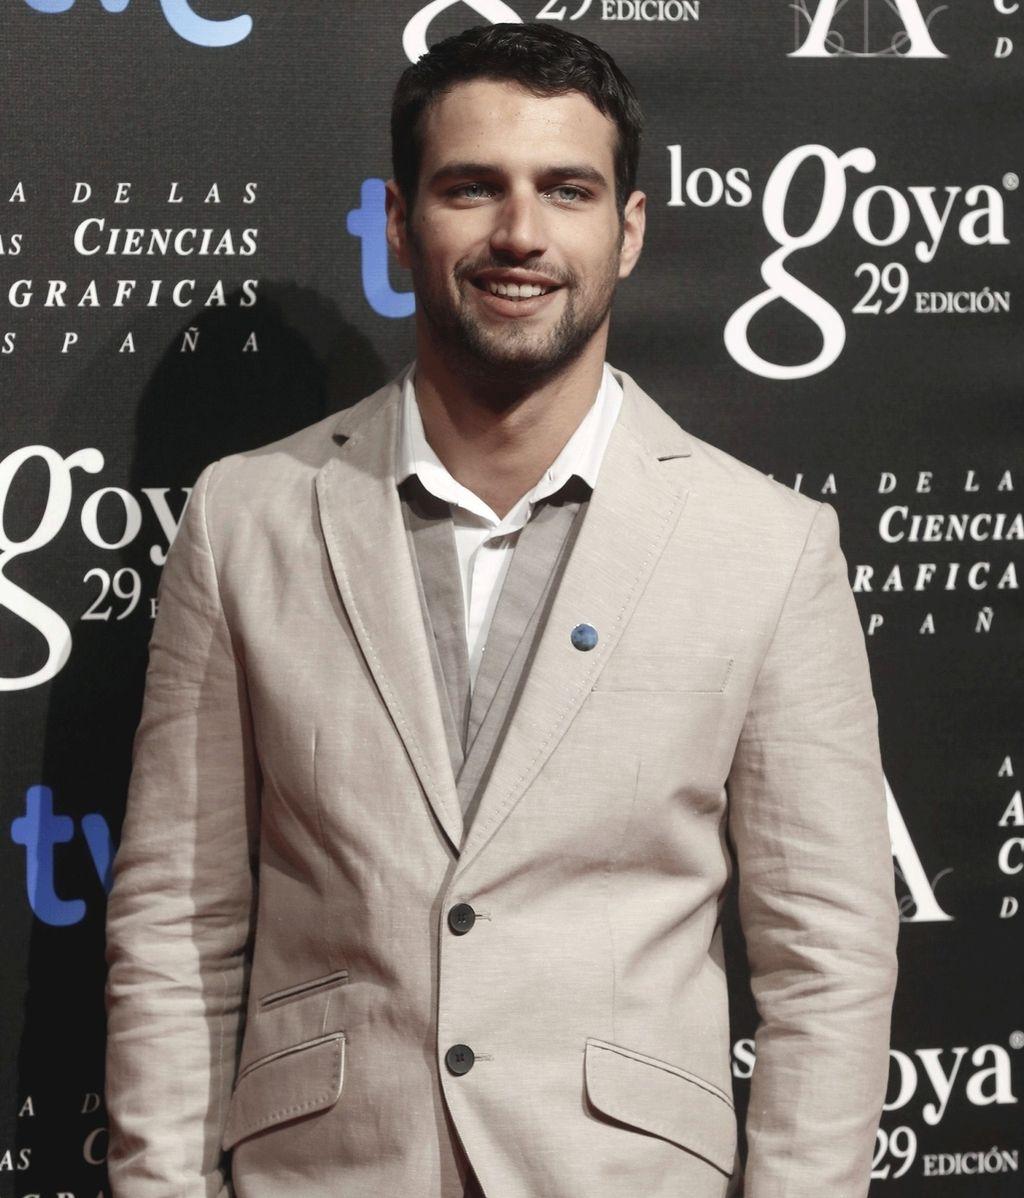 Estrellas y glamour en la fiesta de los candidatos a los Goya 2015